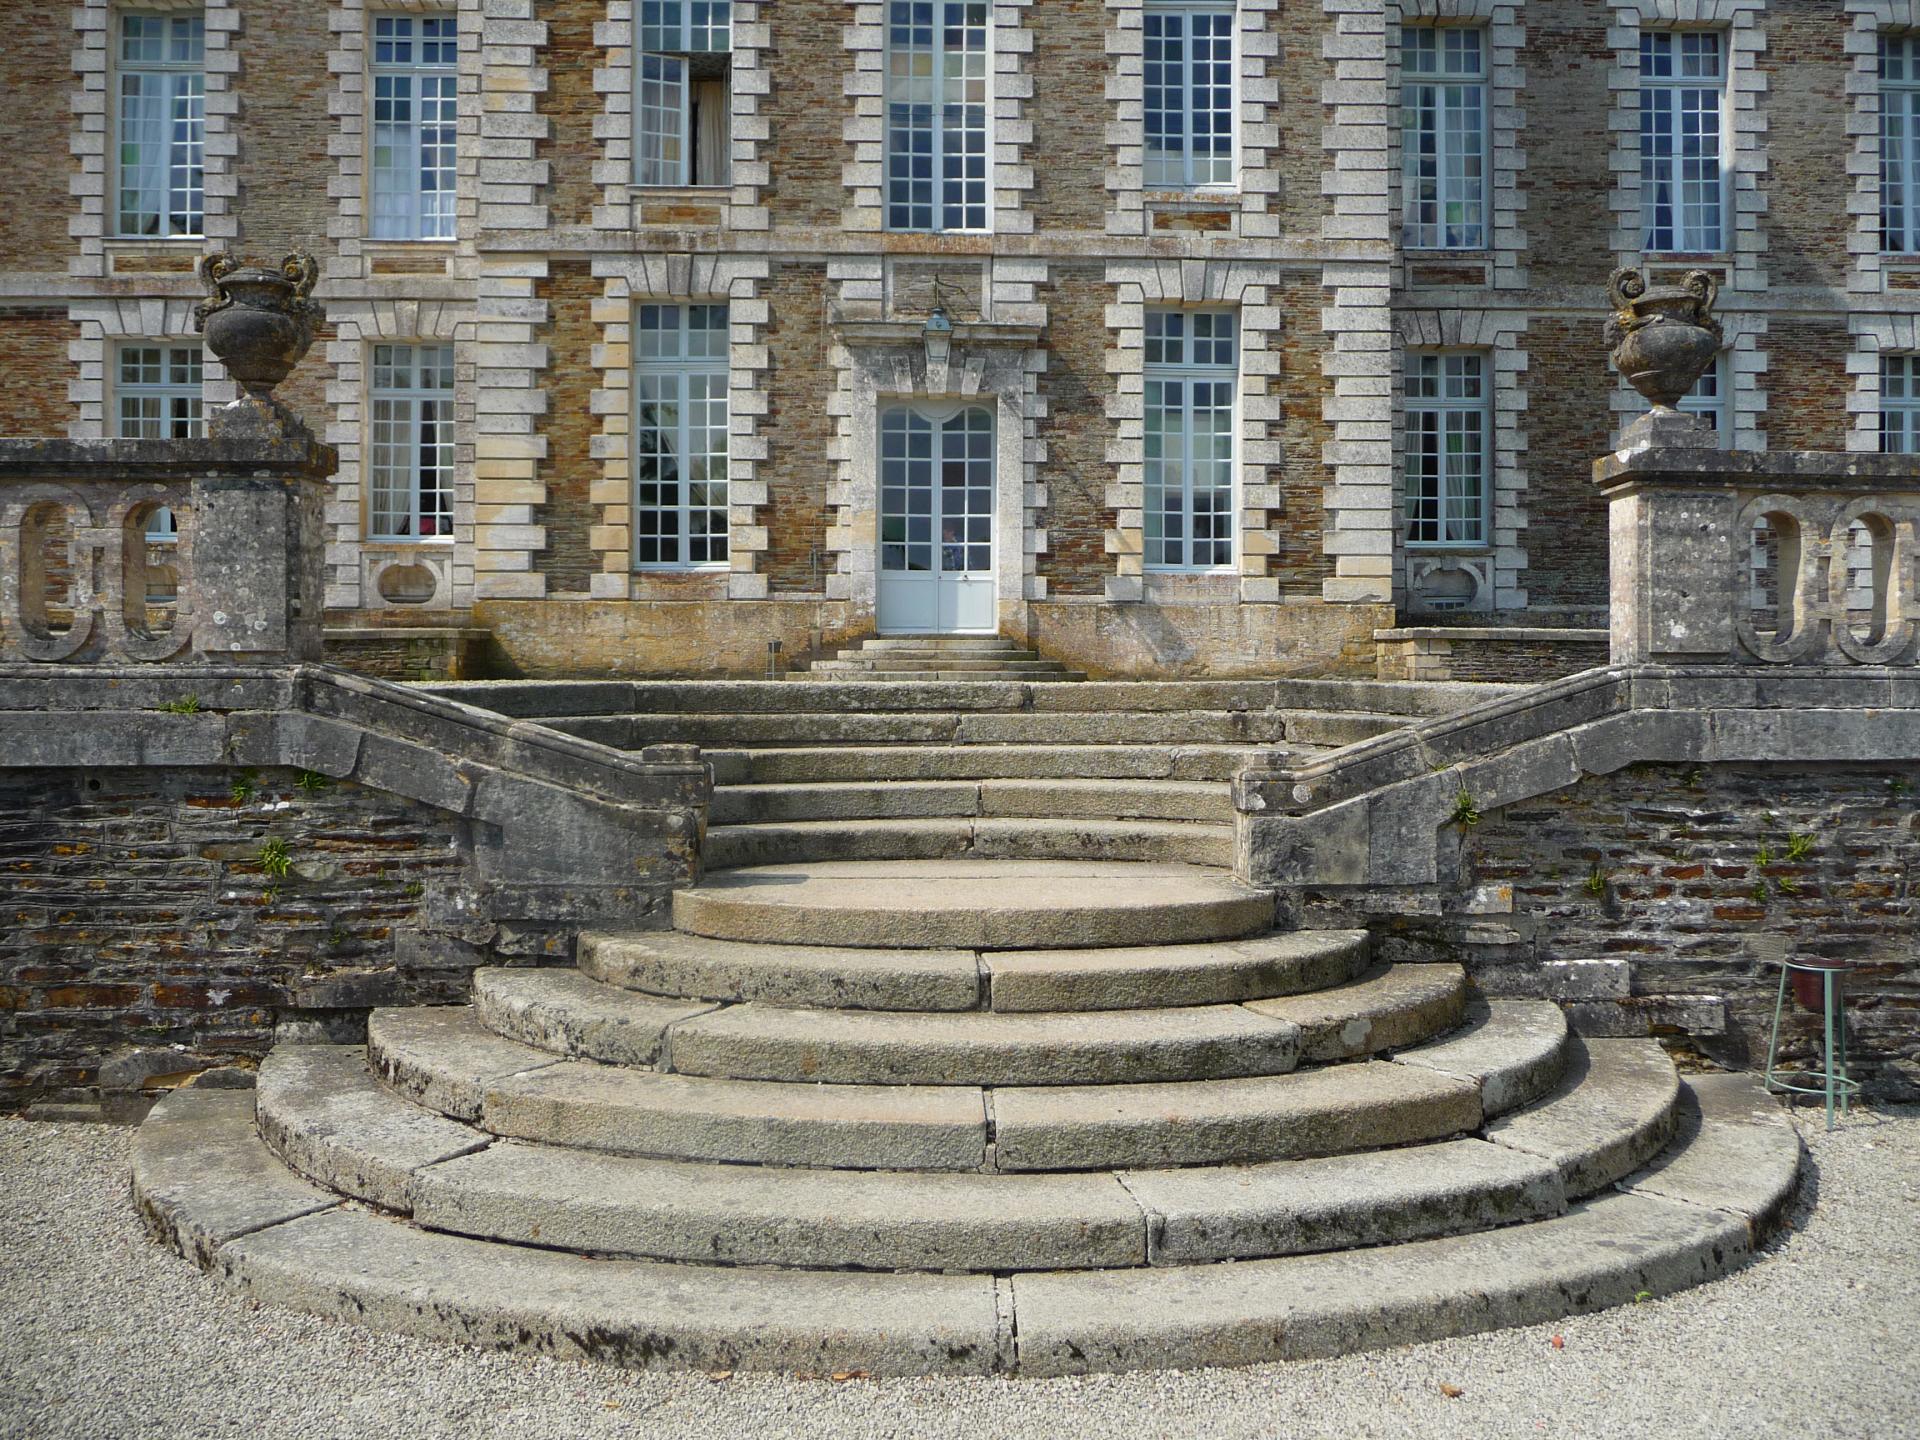 François Mansart, château de Balleroy, escalier contreparti, 1631, cl. Ph. Cachau